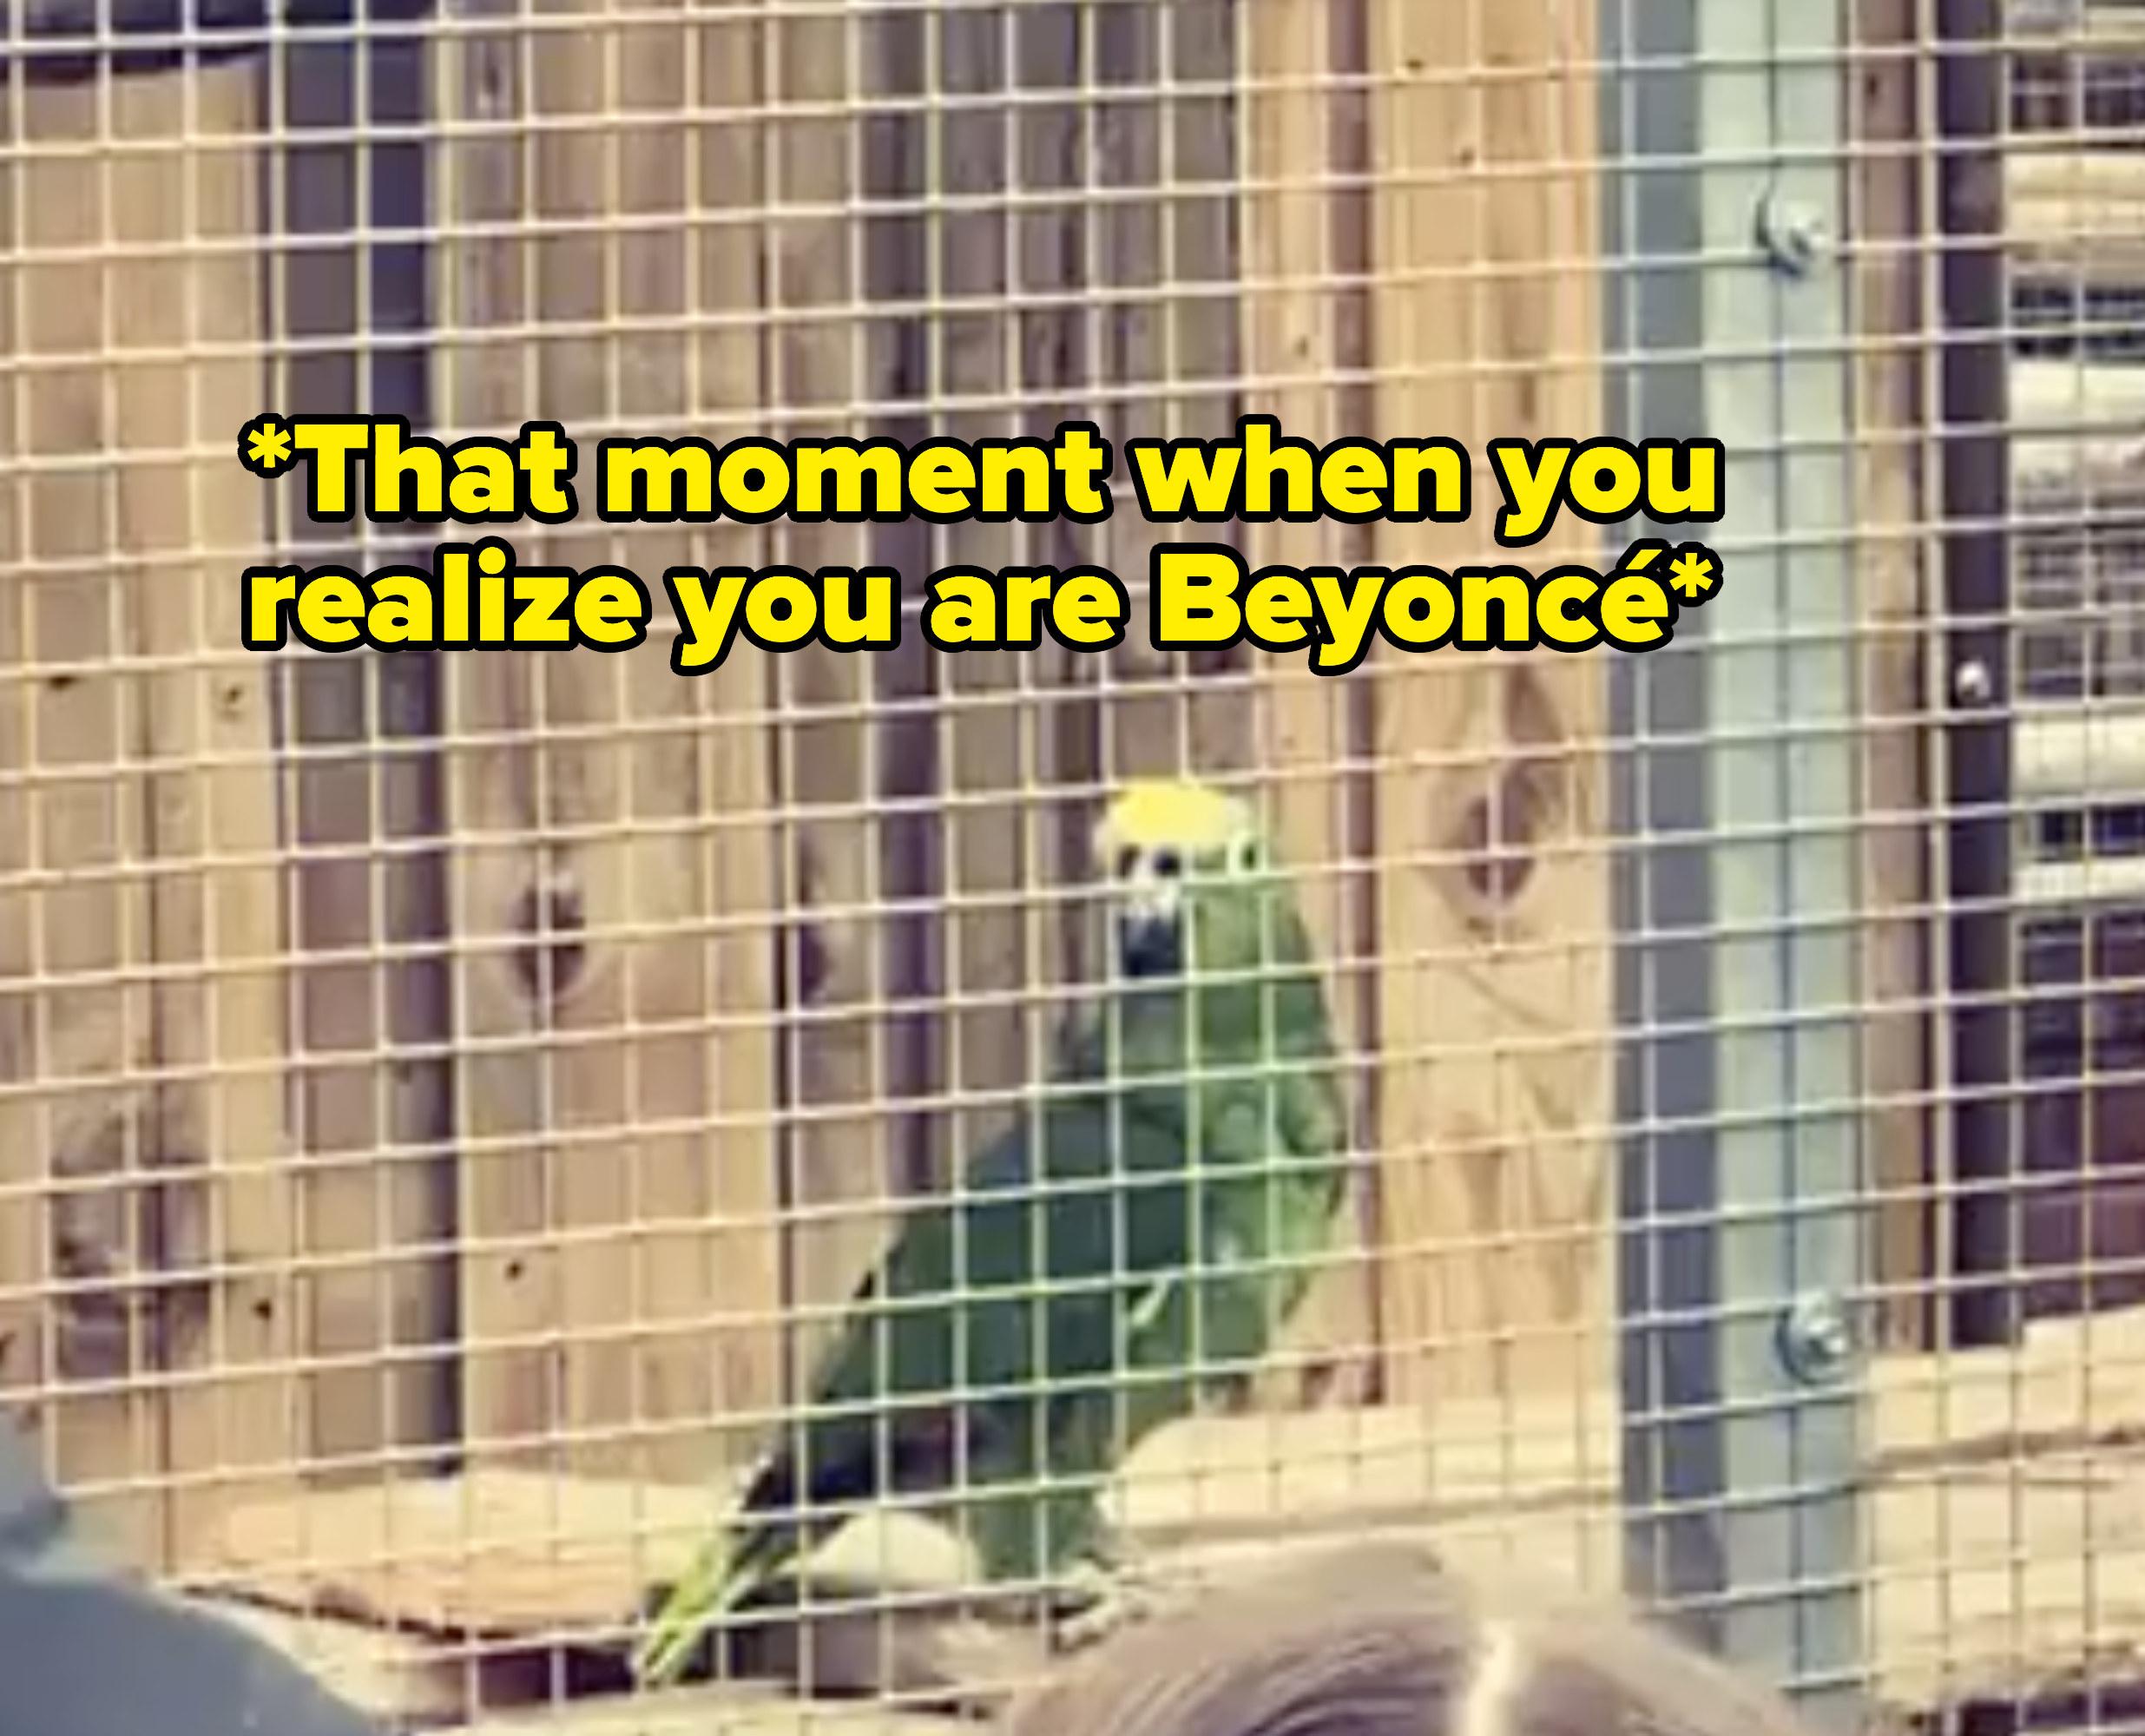 Hát nhạc của ca sĩ Beyonce, chú vẹt ở sở thú Anh gây bão